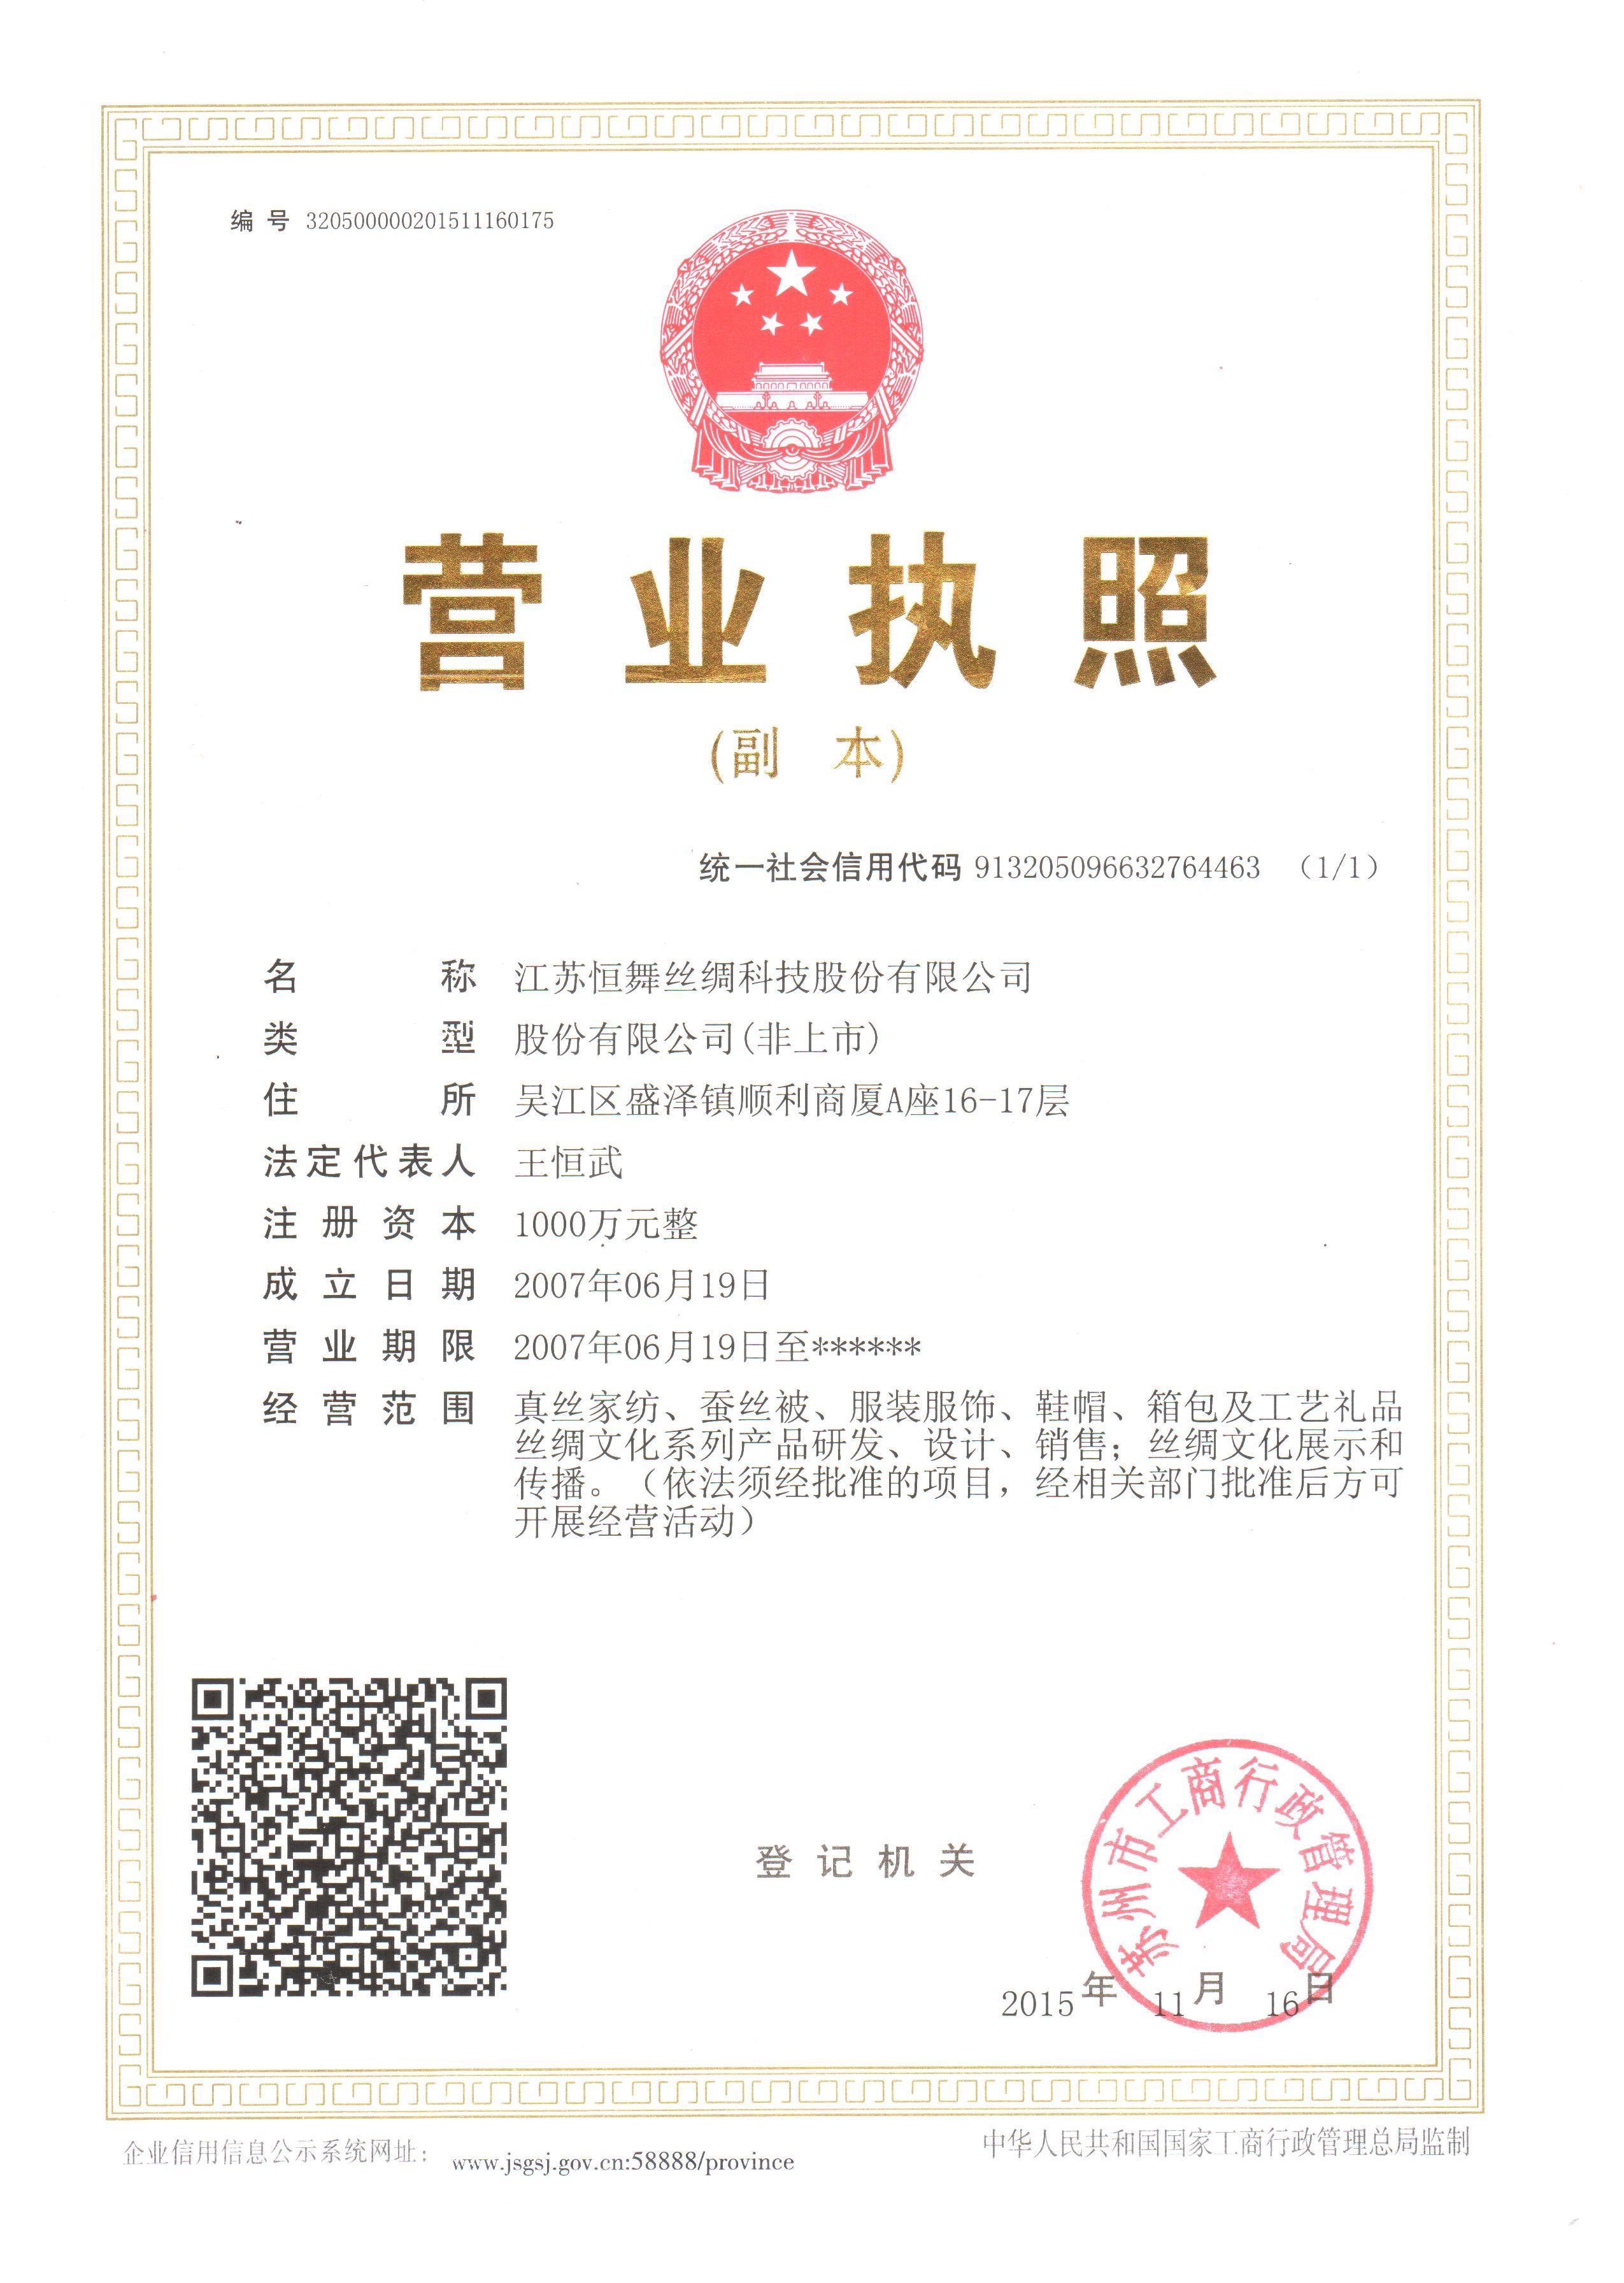 江苏恒舞丝绸科技股份有限公司企业档案